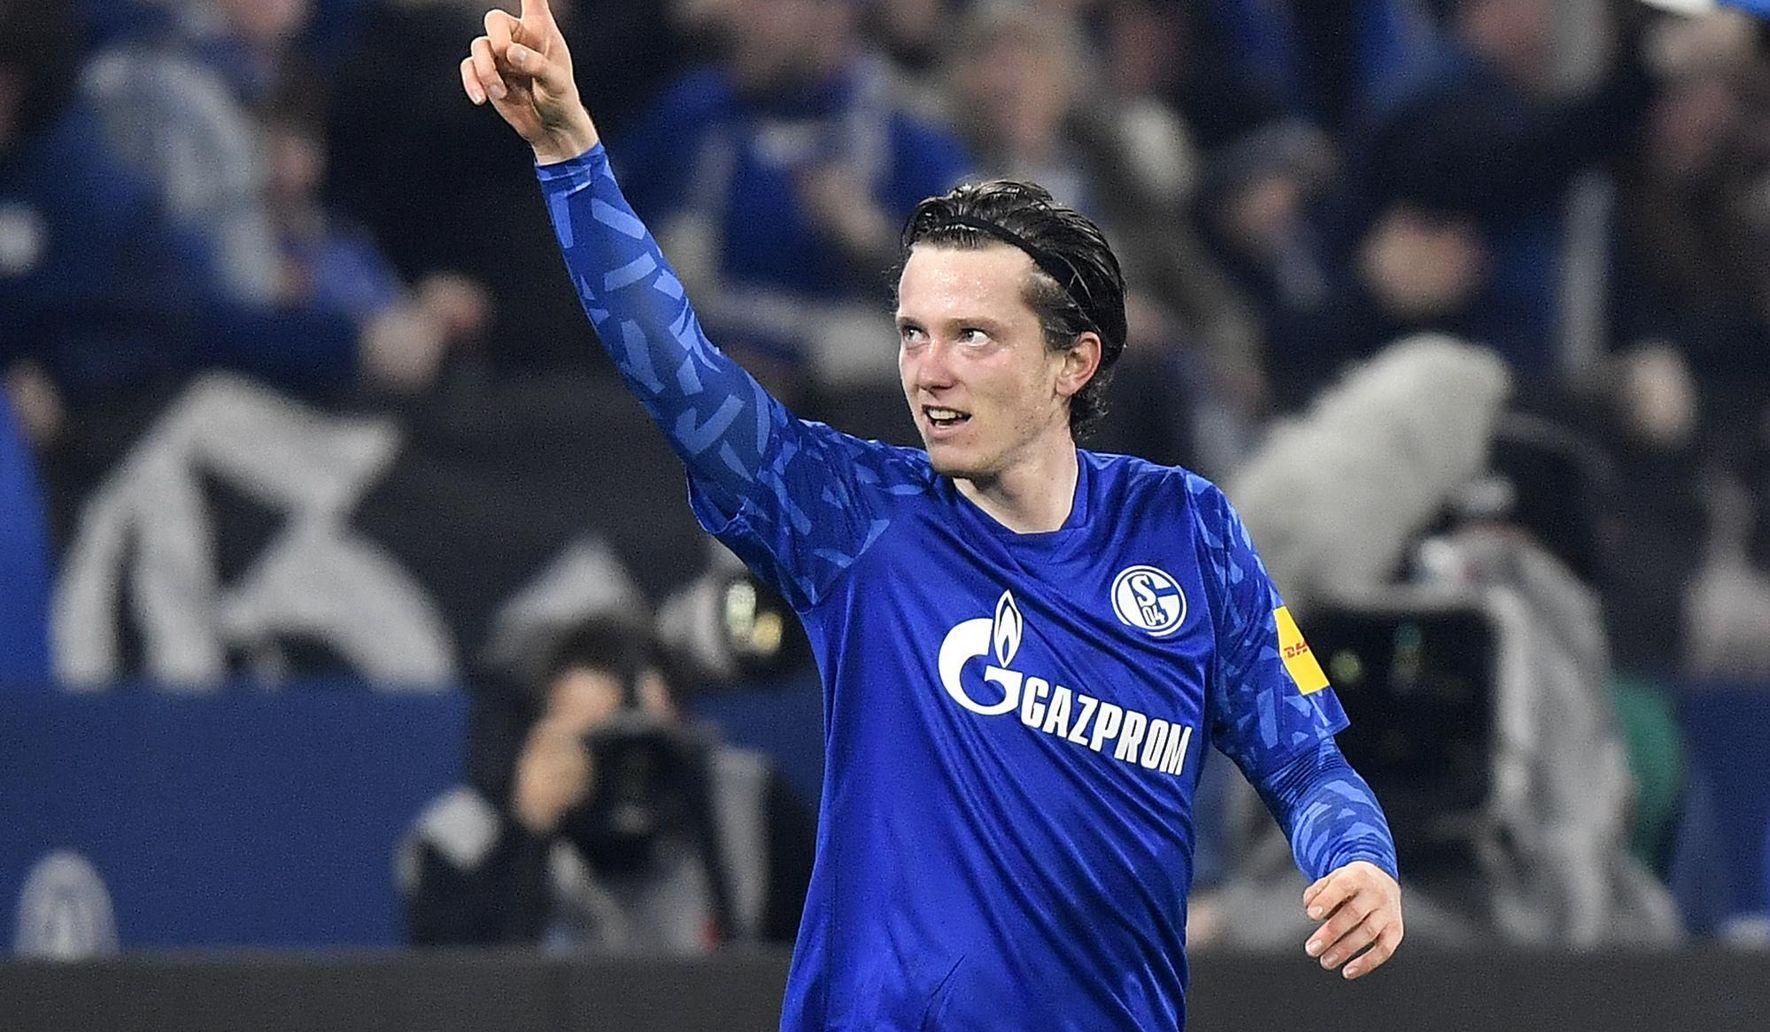 Germany_soccer_bundesliga_34014_c0-103-2000-1269_s1770x1032